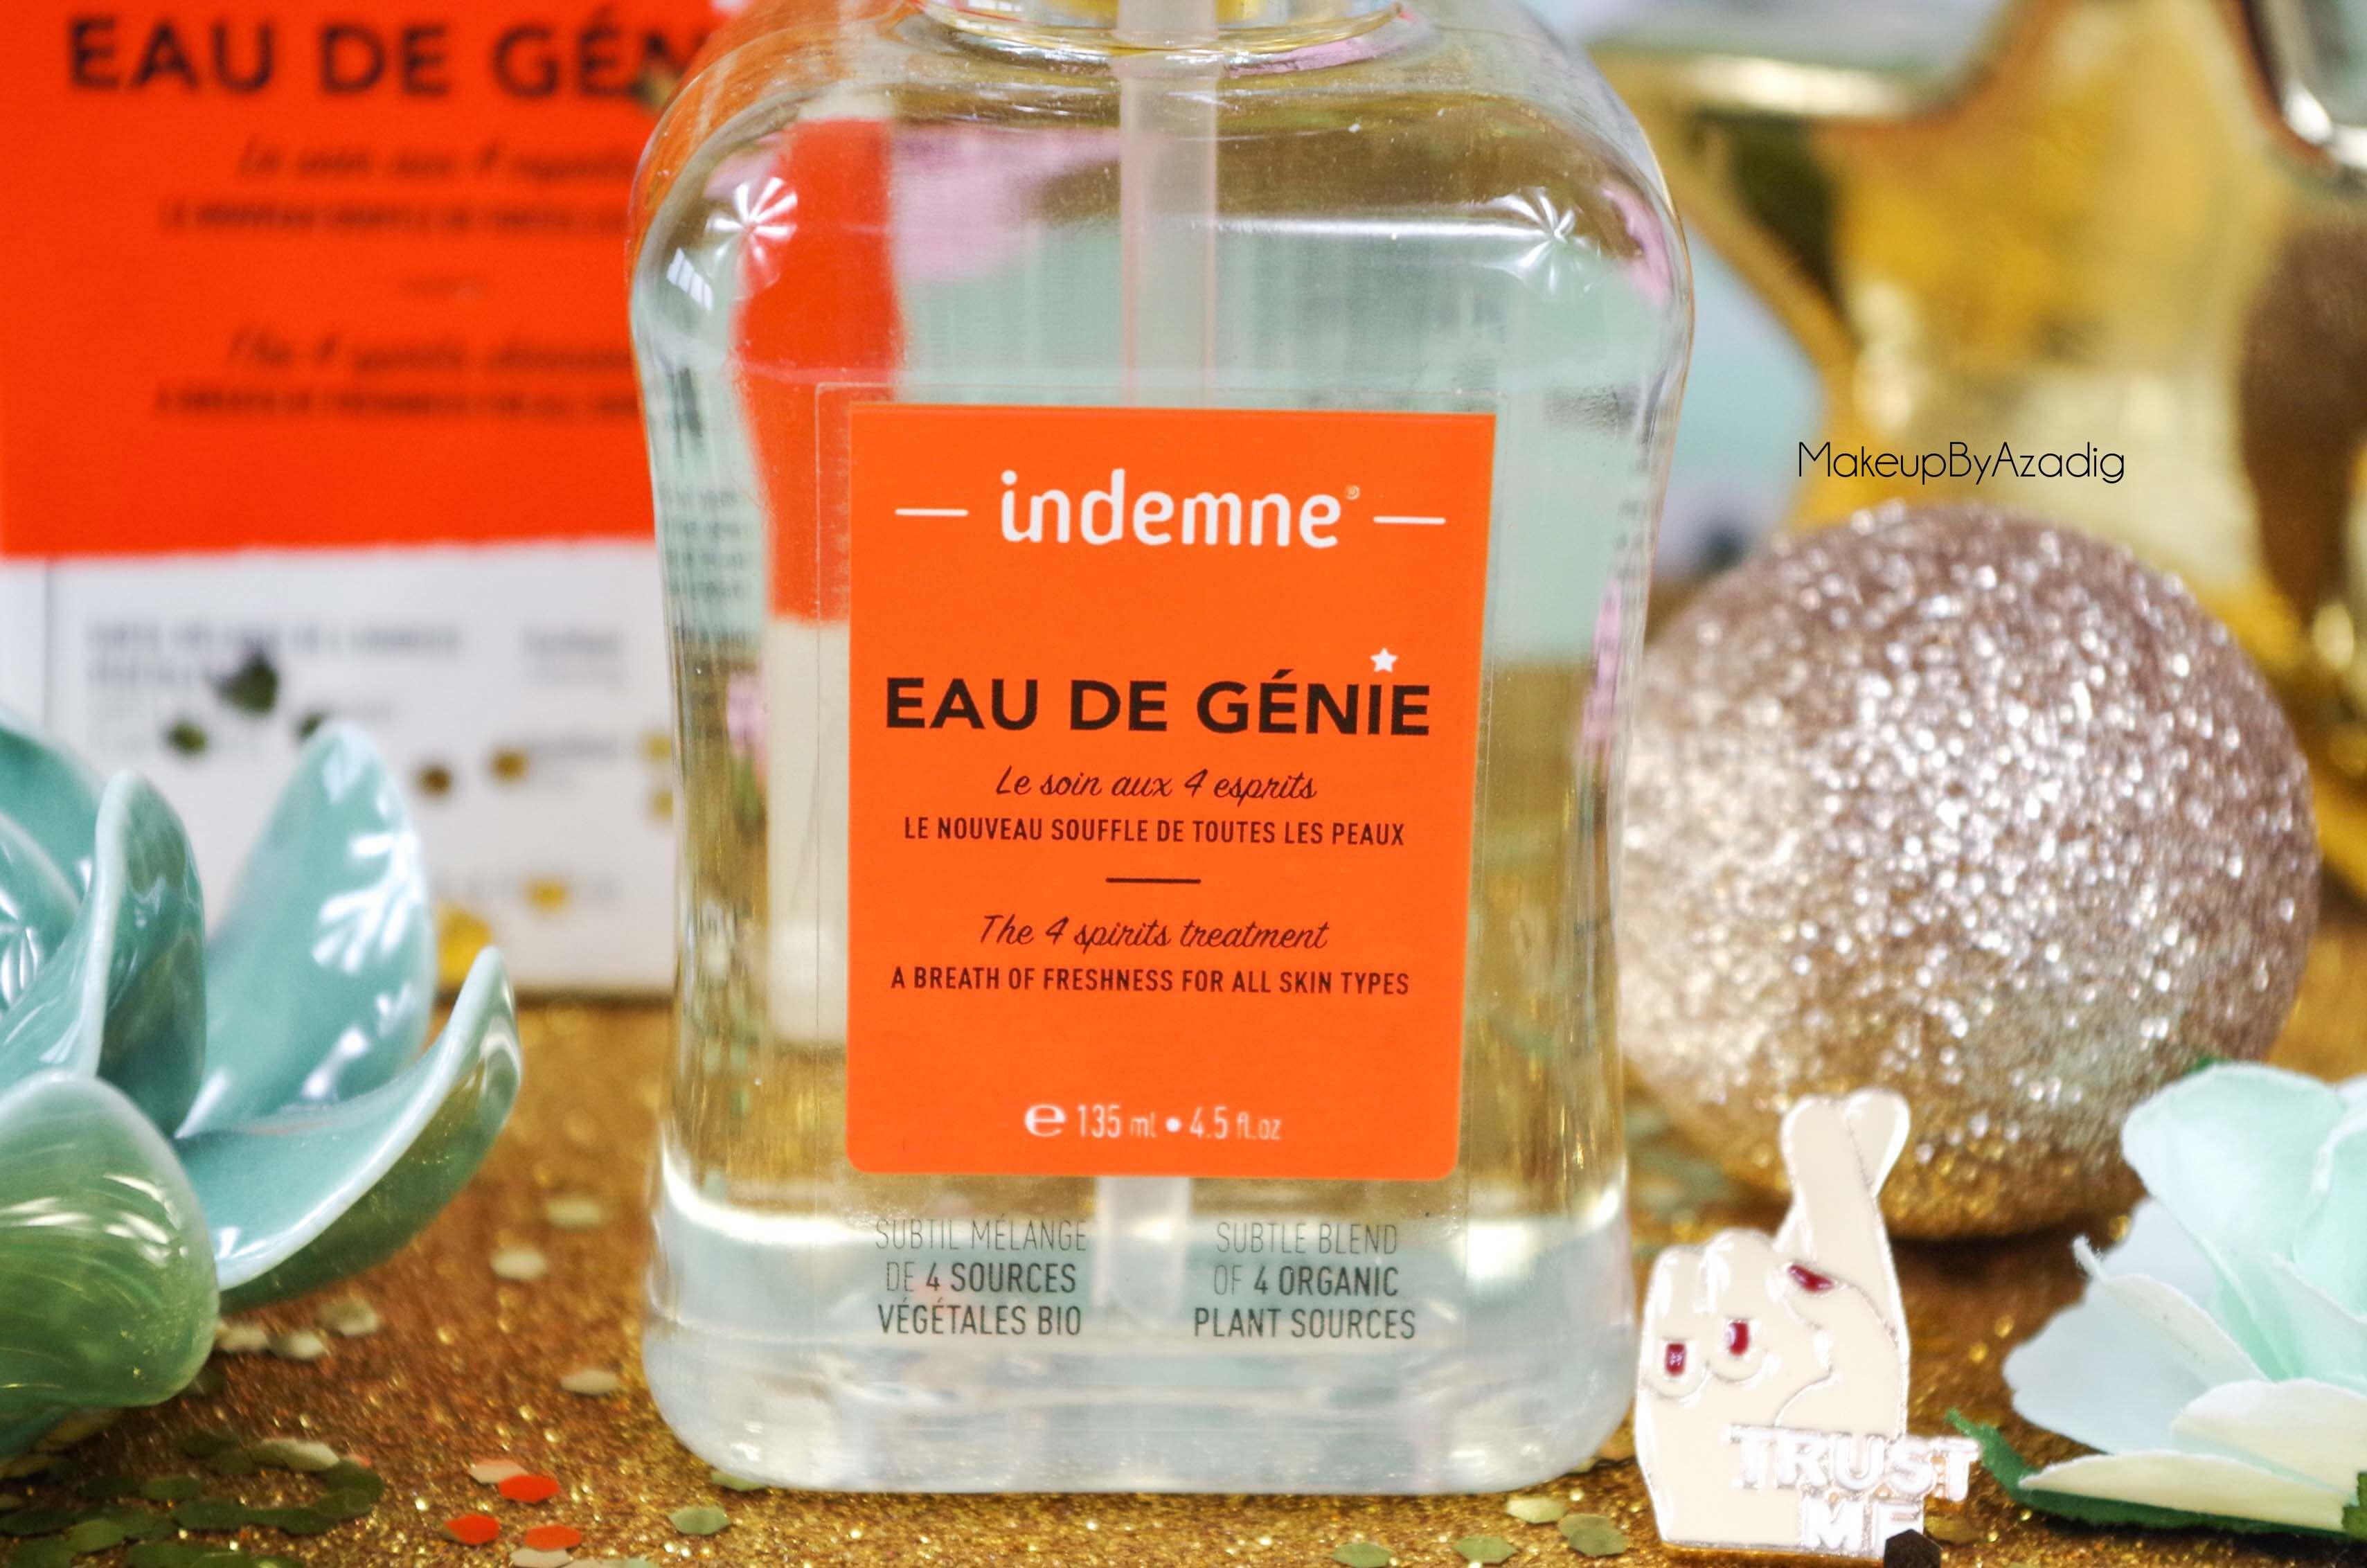 review-lotion-tonique-eau-de-genie-indemne-france-avis-prix-cosmetique-bio-produit-naturel-makeupbyazadig-trust